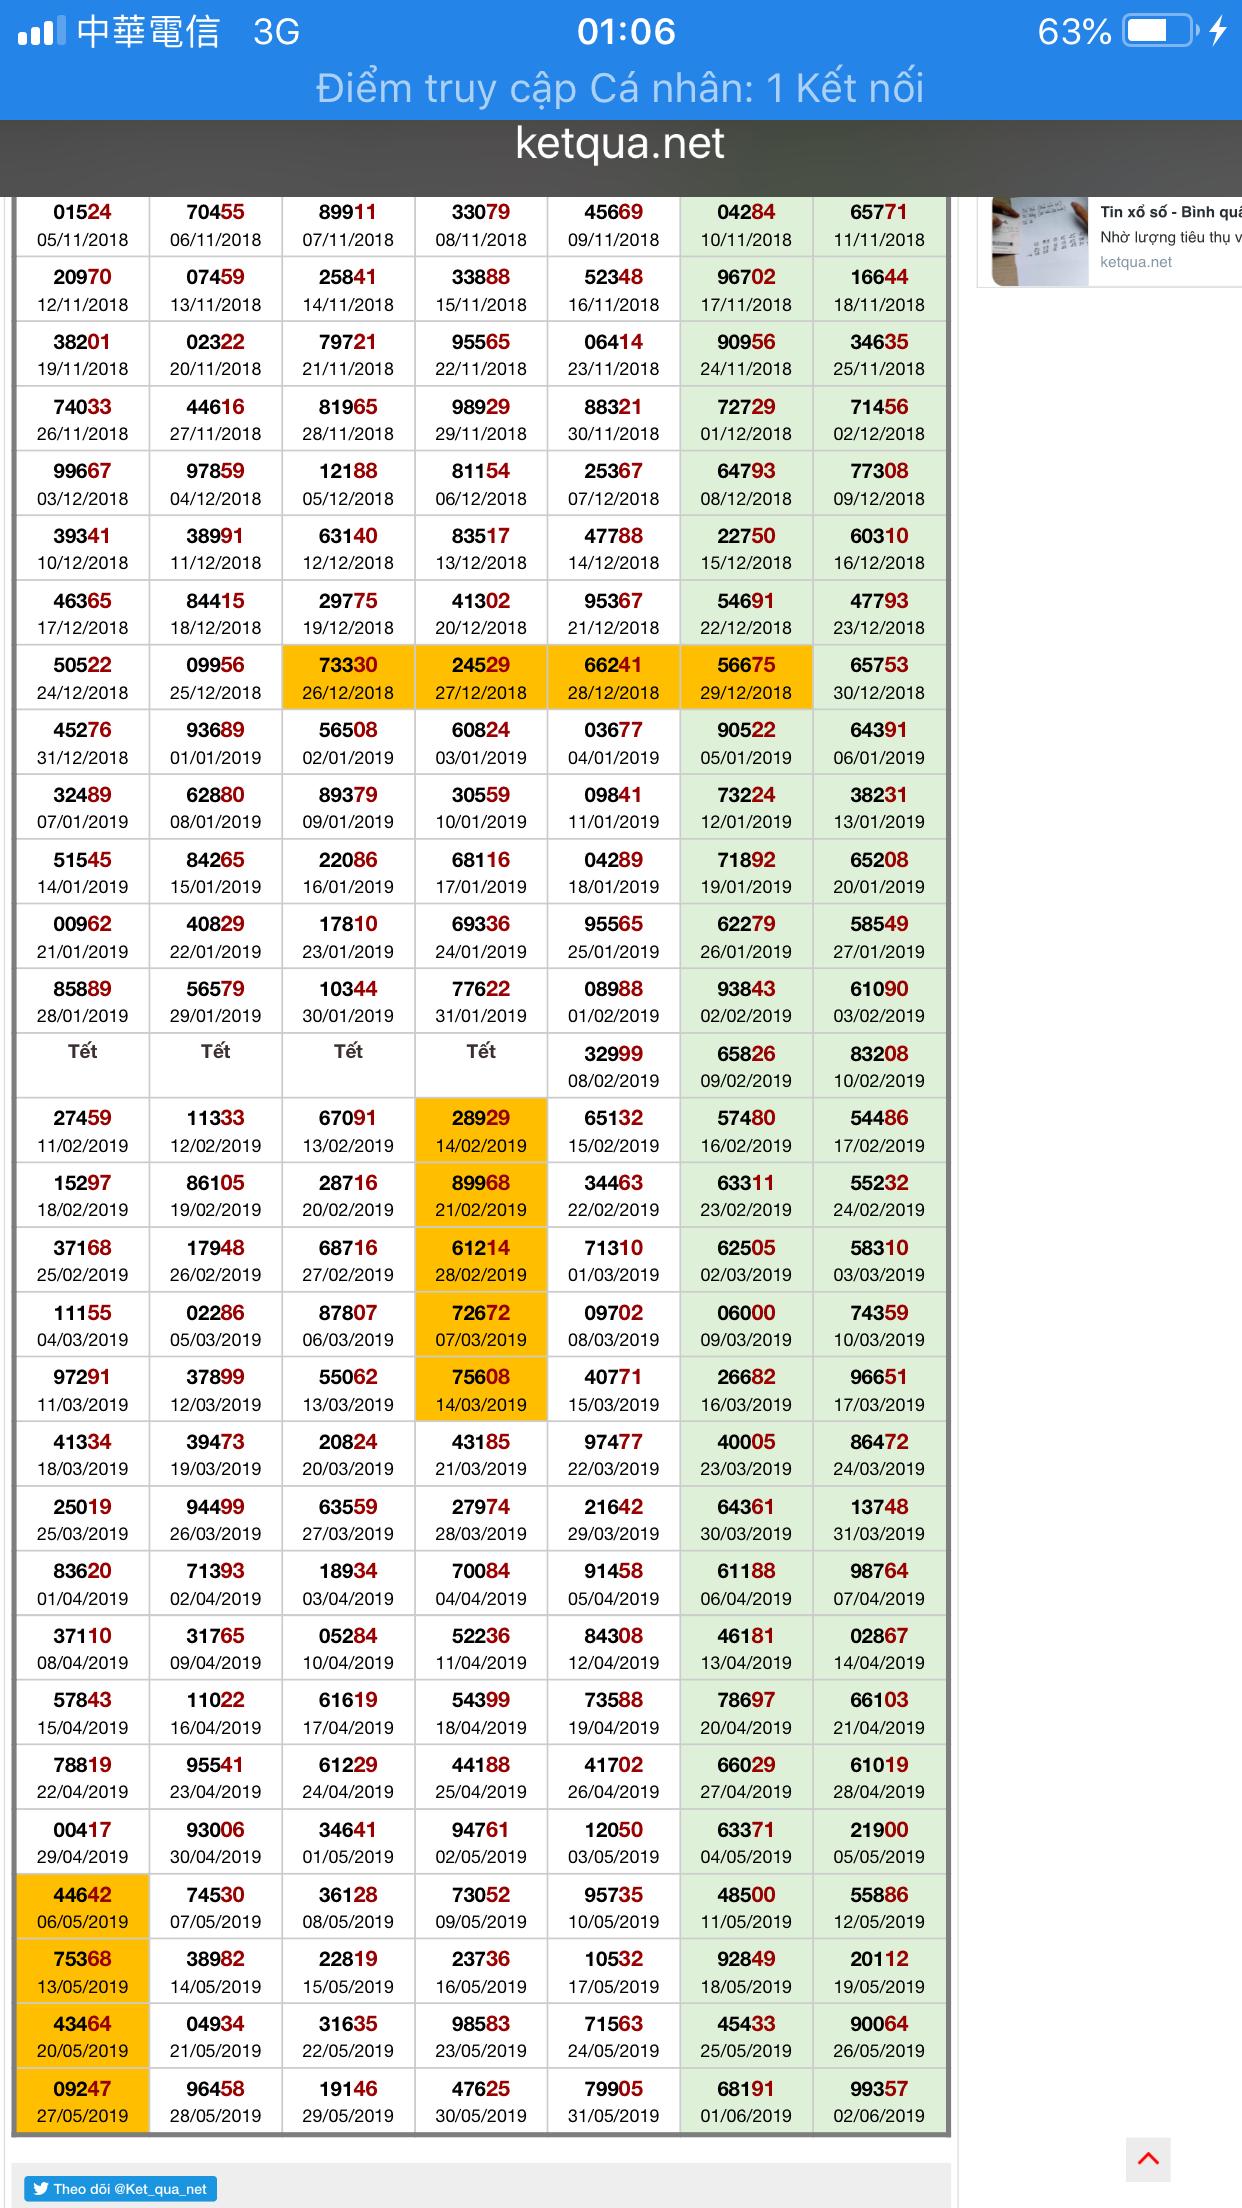 DFA13D12-DCFC-4451-9EA2-7EB6C3DFCDCE.png